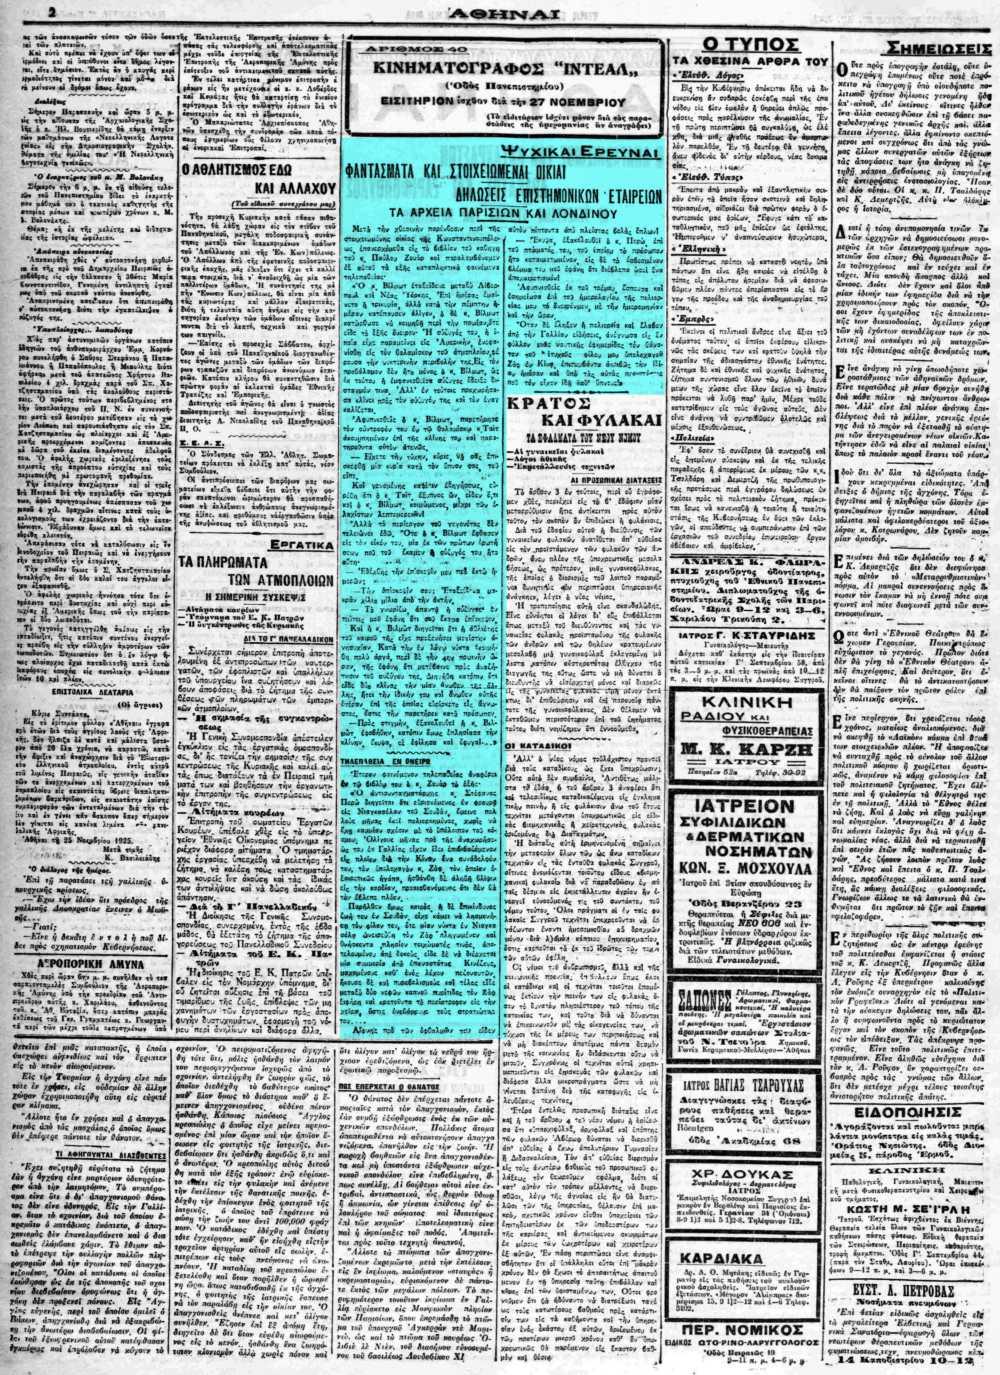 """Το άρθρο, όπως δημοσιεύθηκε στην εφημερίδα """"ΑΘΗΝΑΙ"""", στις 27/11/1925"""